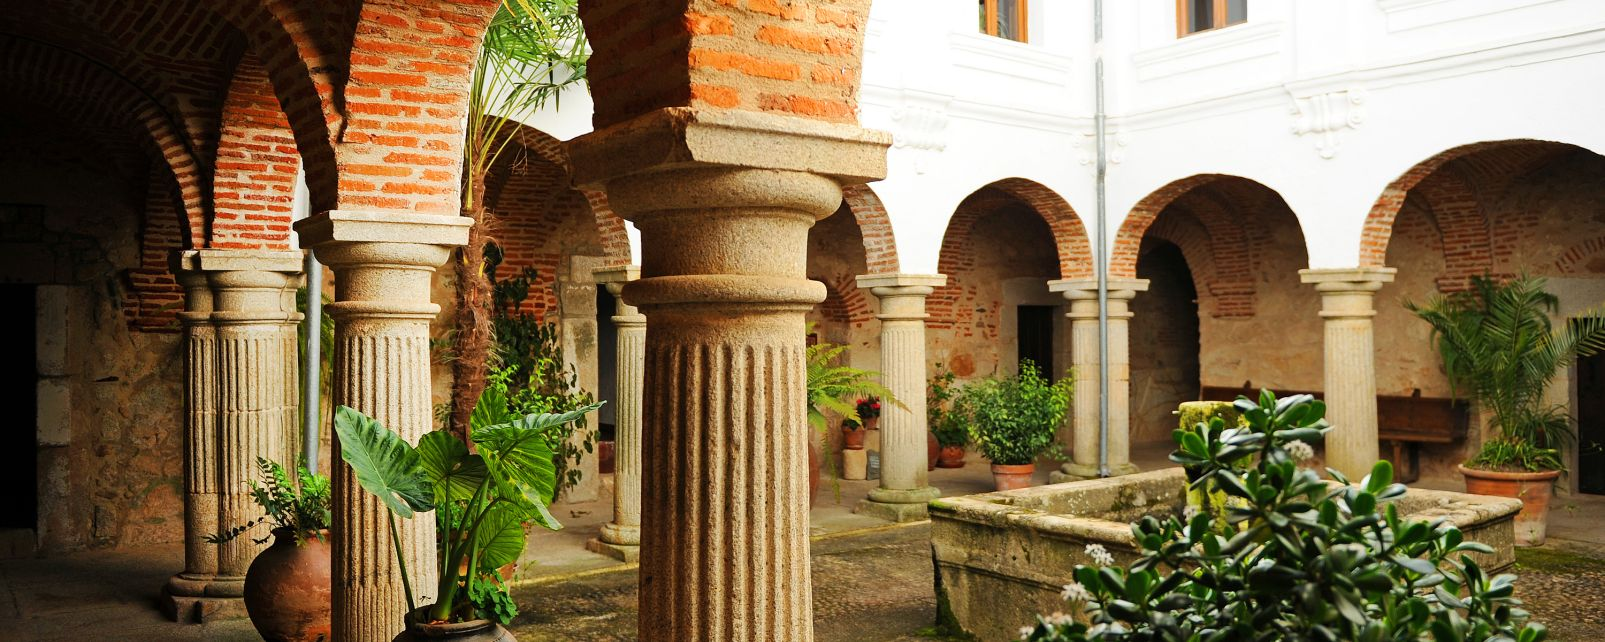 Les monuments, Espagne, Europe, Cloître, couvent, monastère, Palancar, Pedroso de Acim, Caceres, extremadure